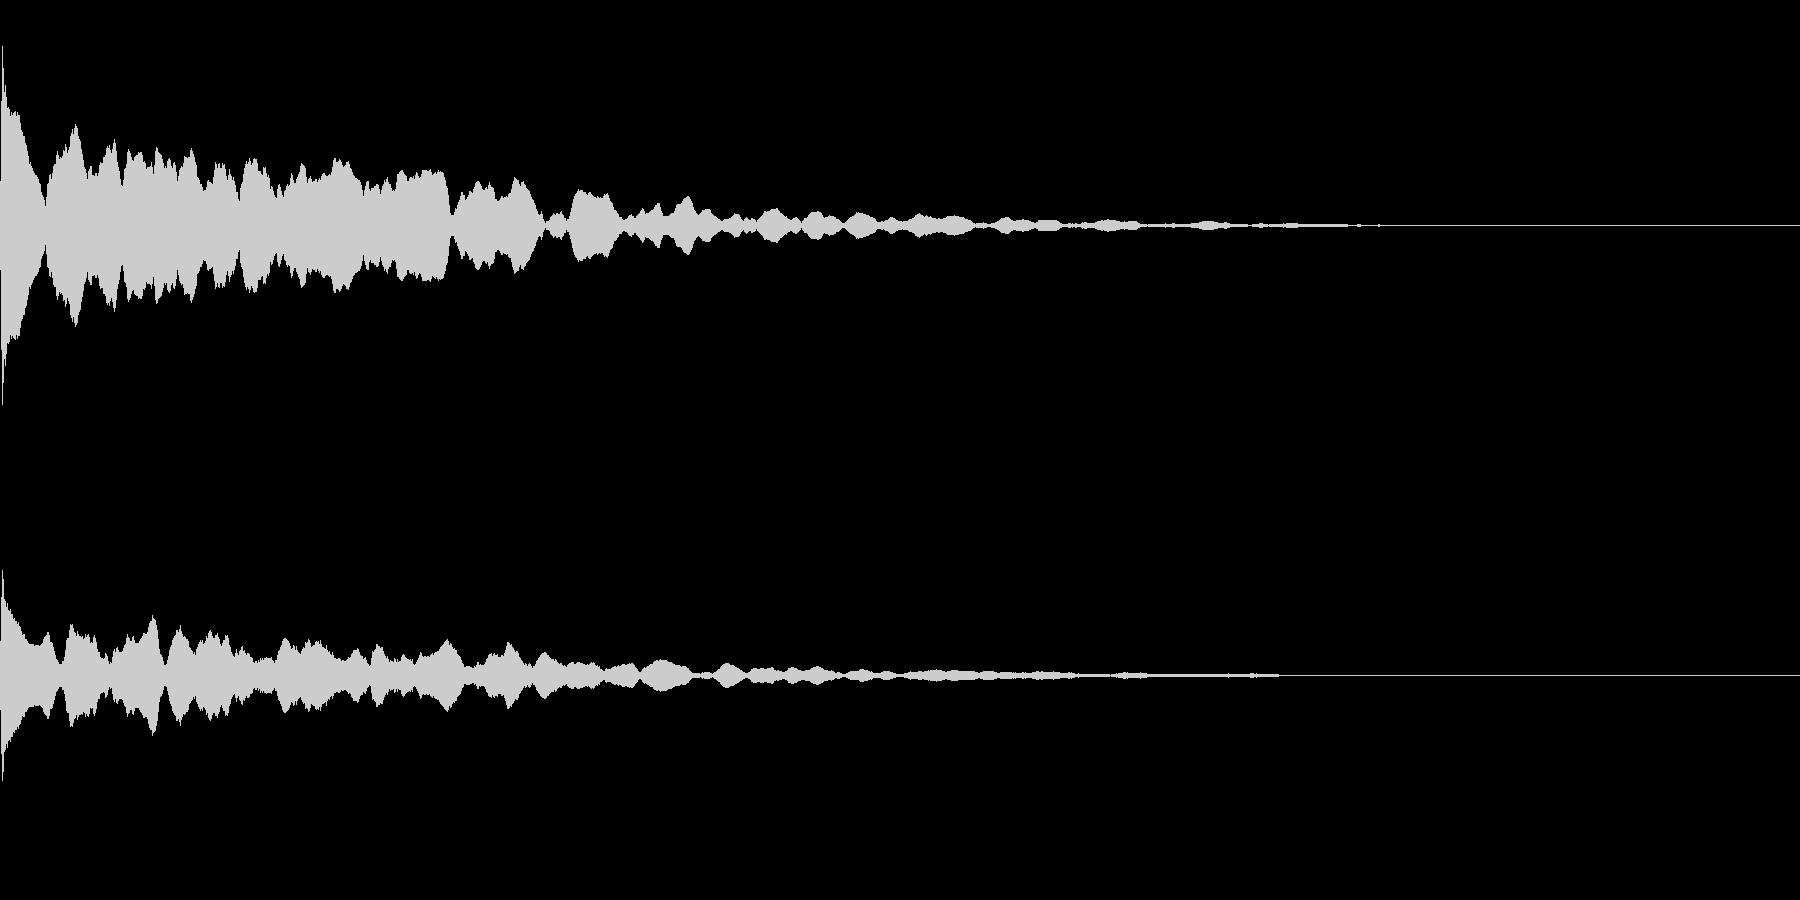 ポーン(ふとした気づきなどの電子音)の未再生の波形